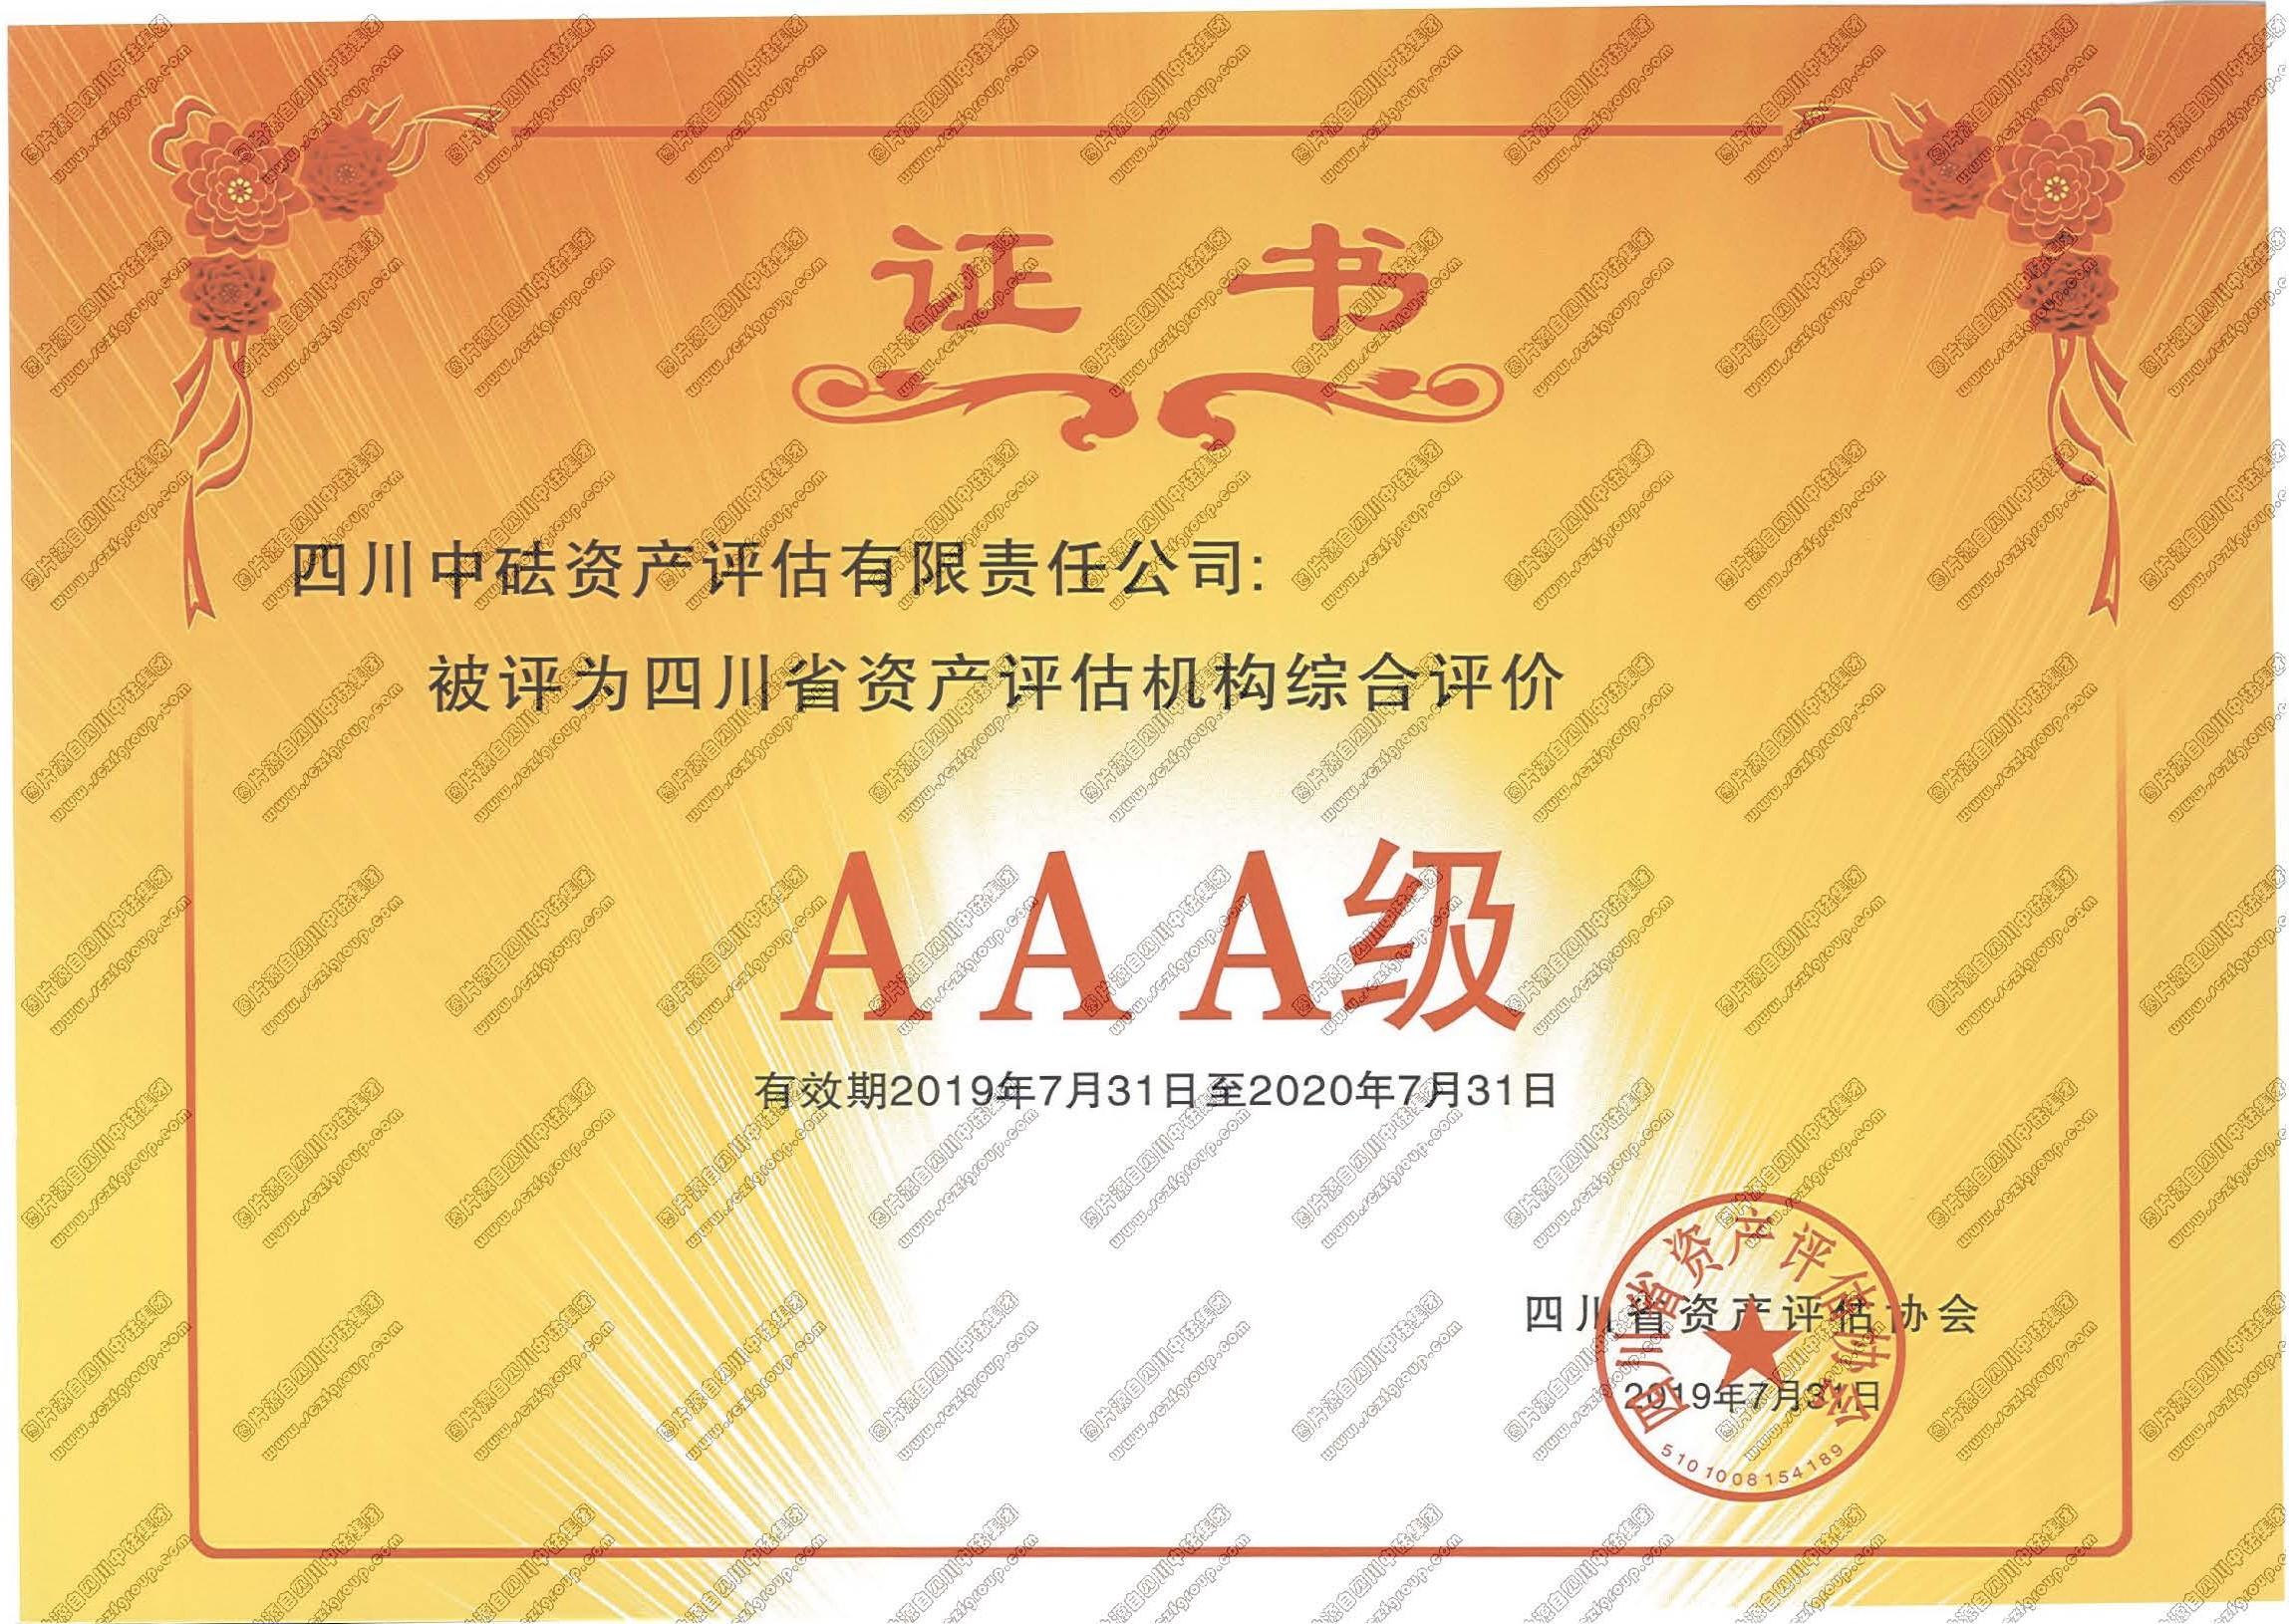 2018年度AAA